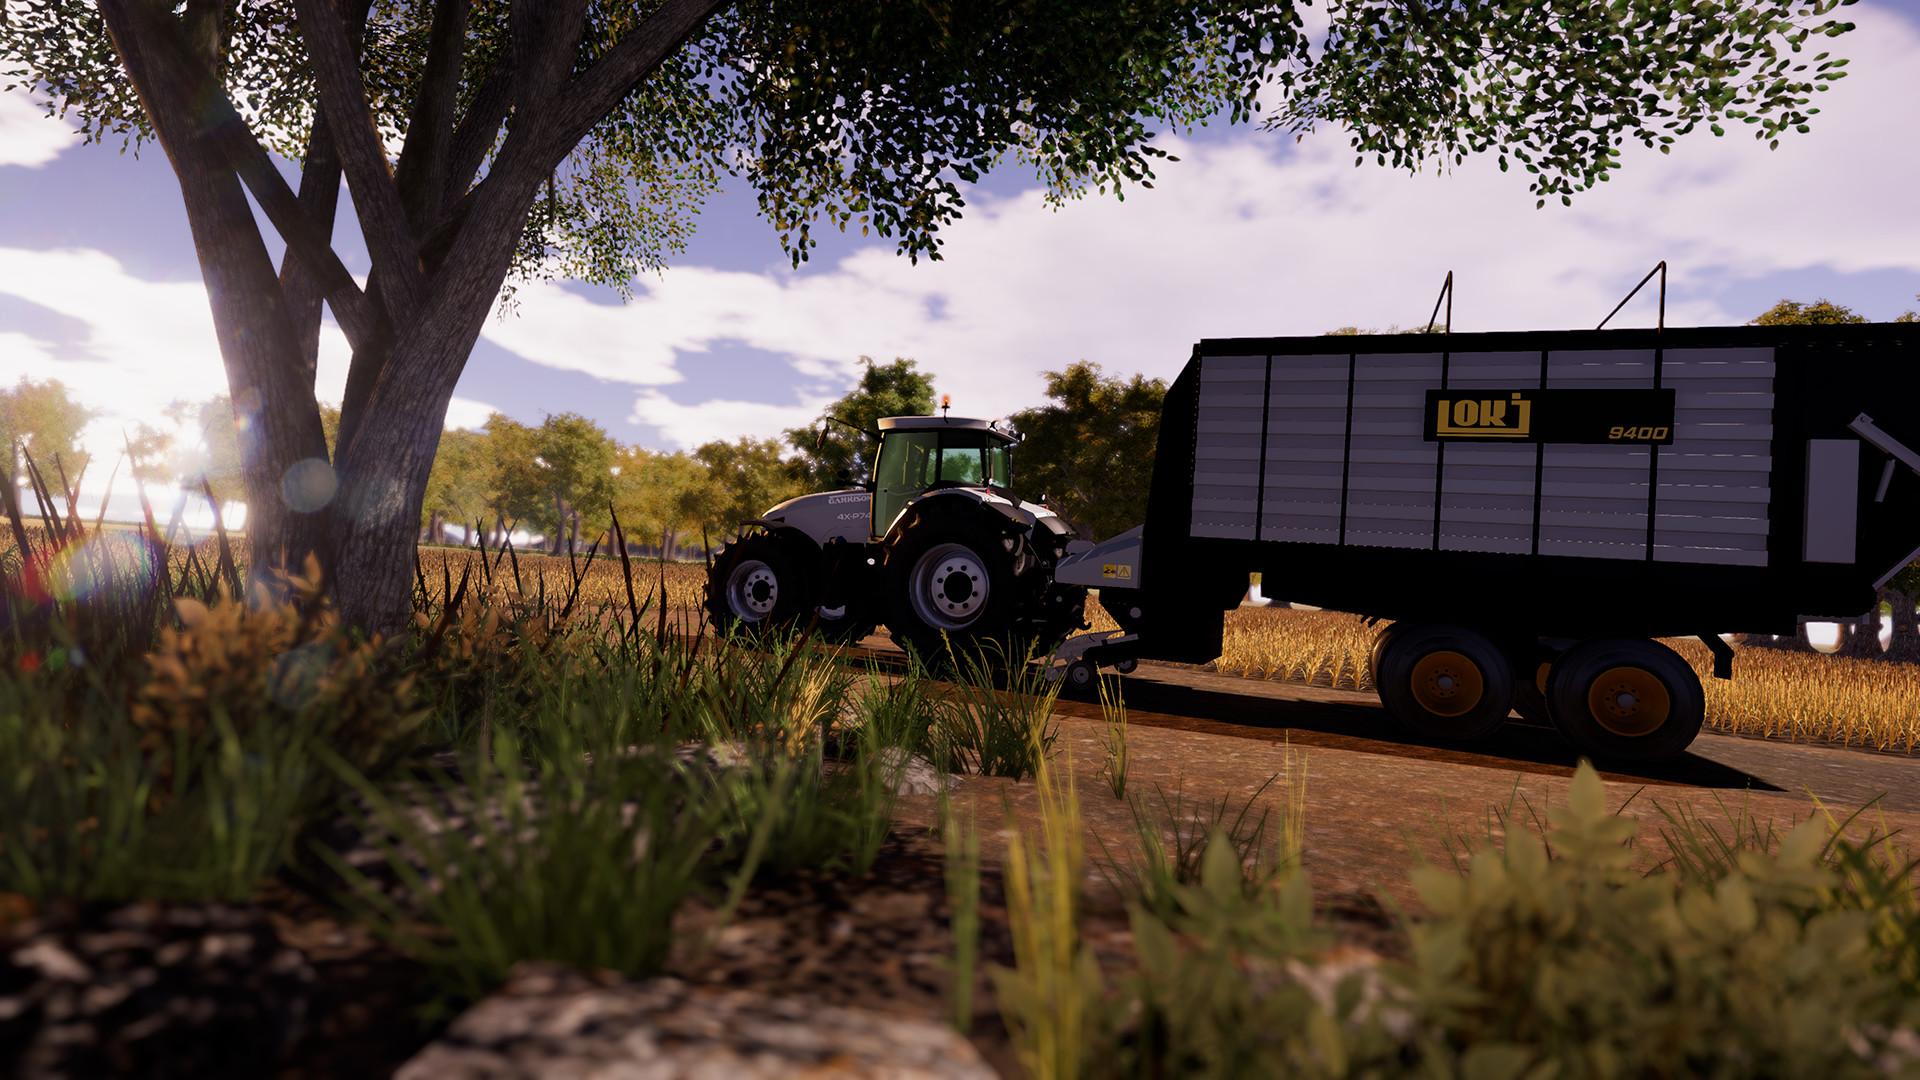 com.steam.573680-screenshot